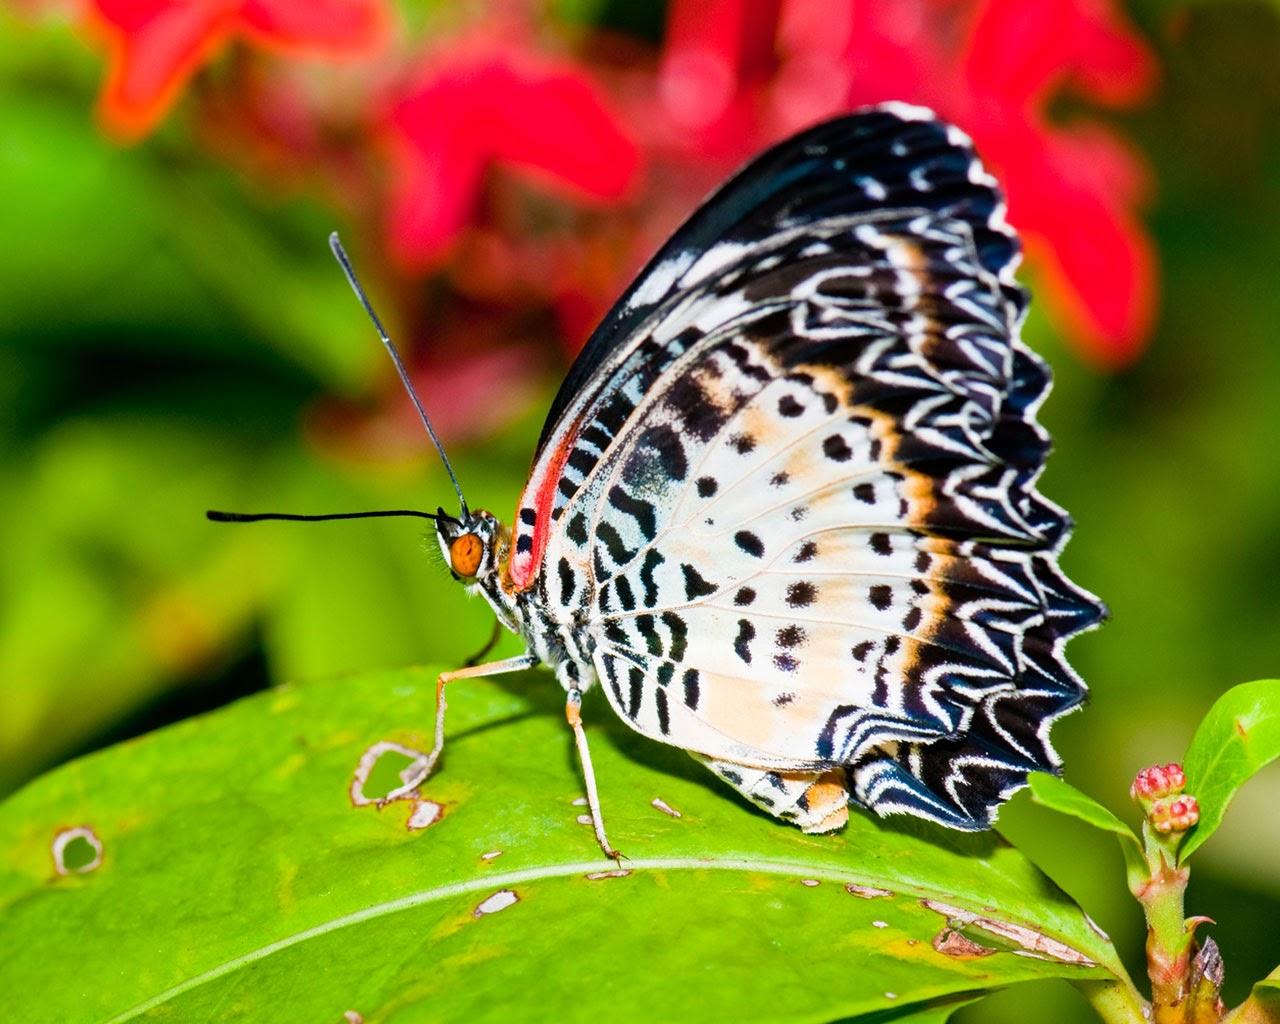 kupu-kupu-di-daun-hijau